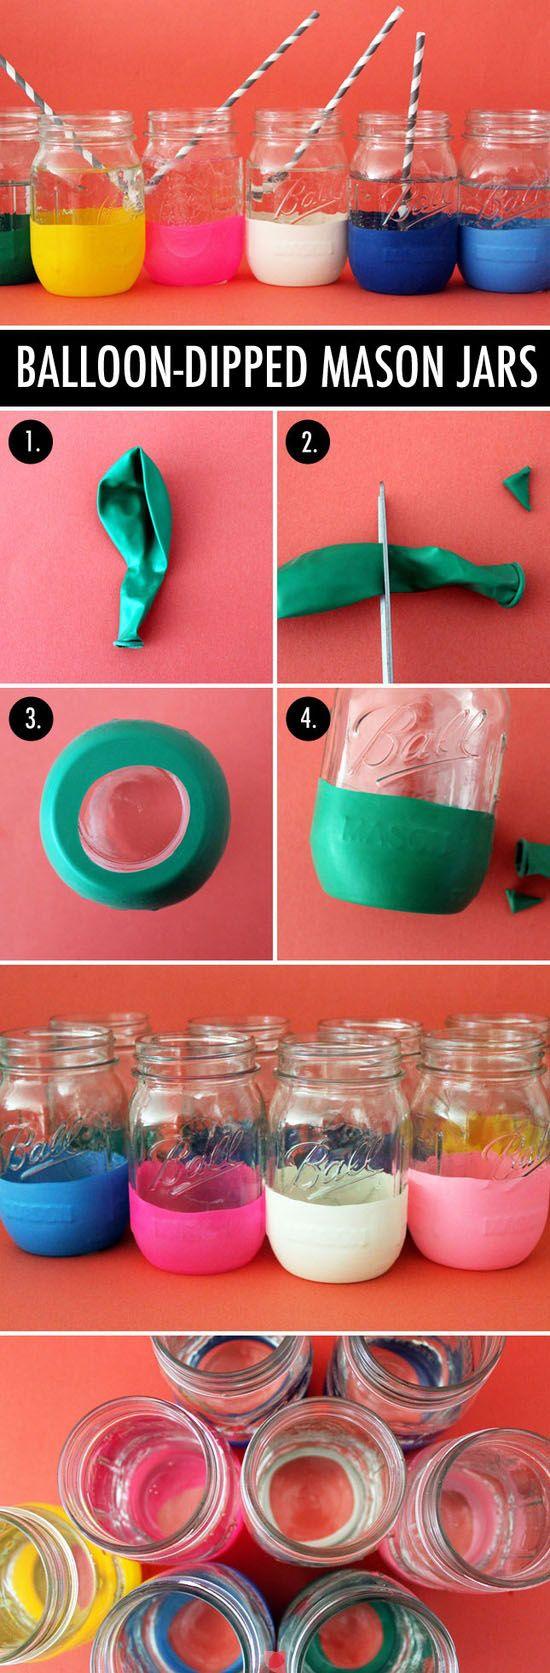 {DIY Balloon-Dipped Mason Jars}